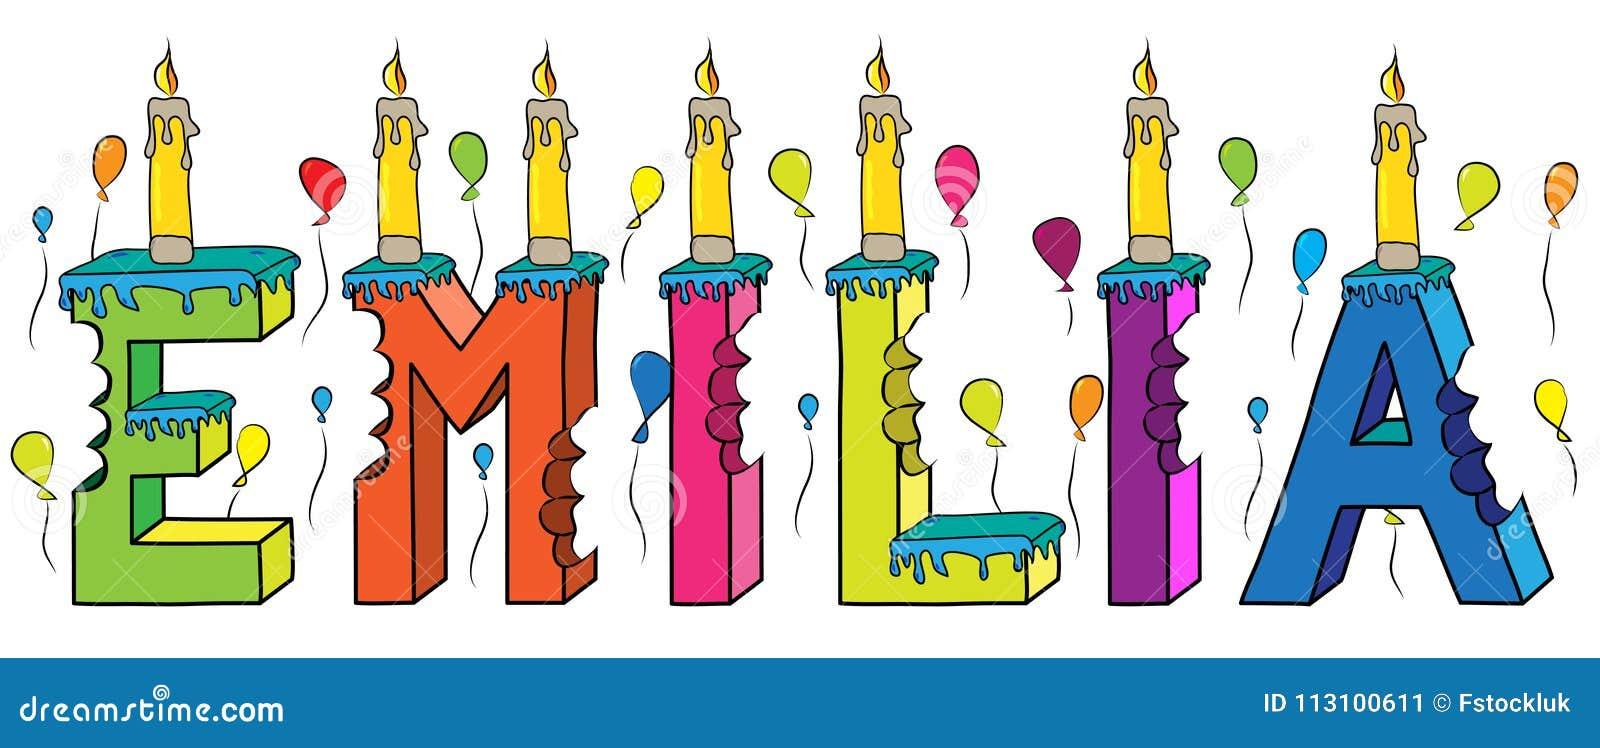 Bolo de aniversário colorido mordido da rotulação 3d de Emilia nome fêmea com velas e balões